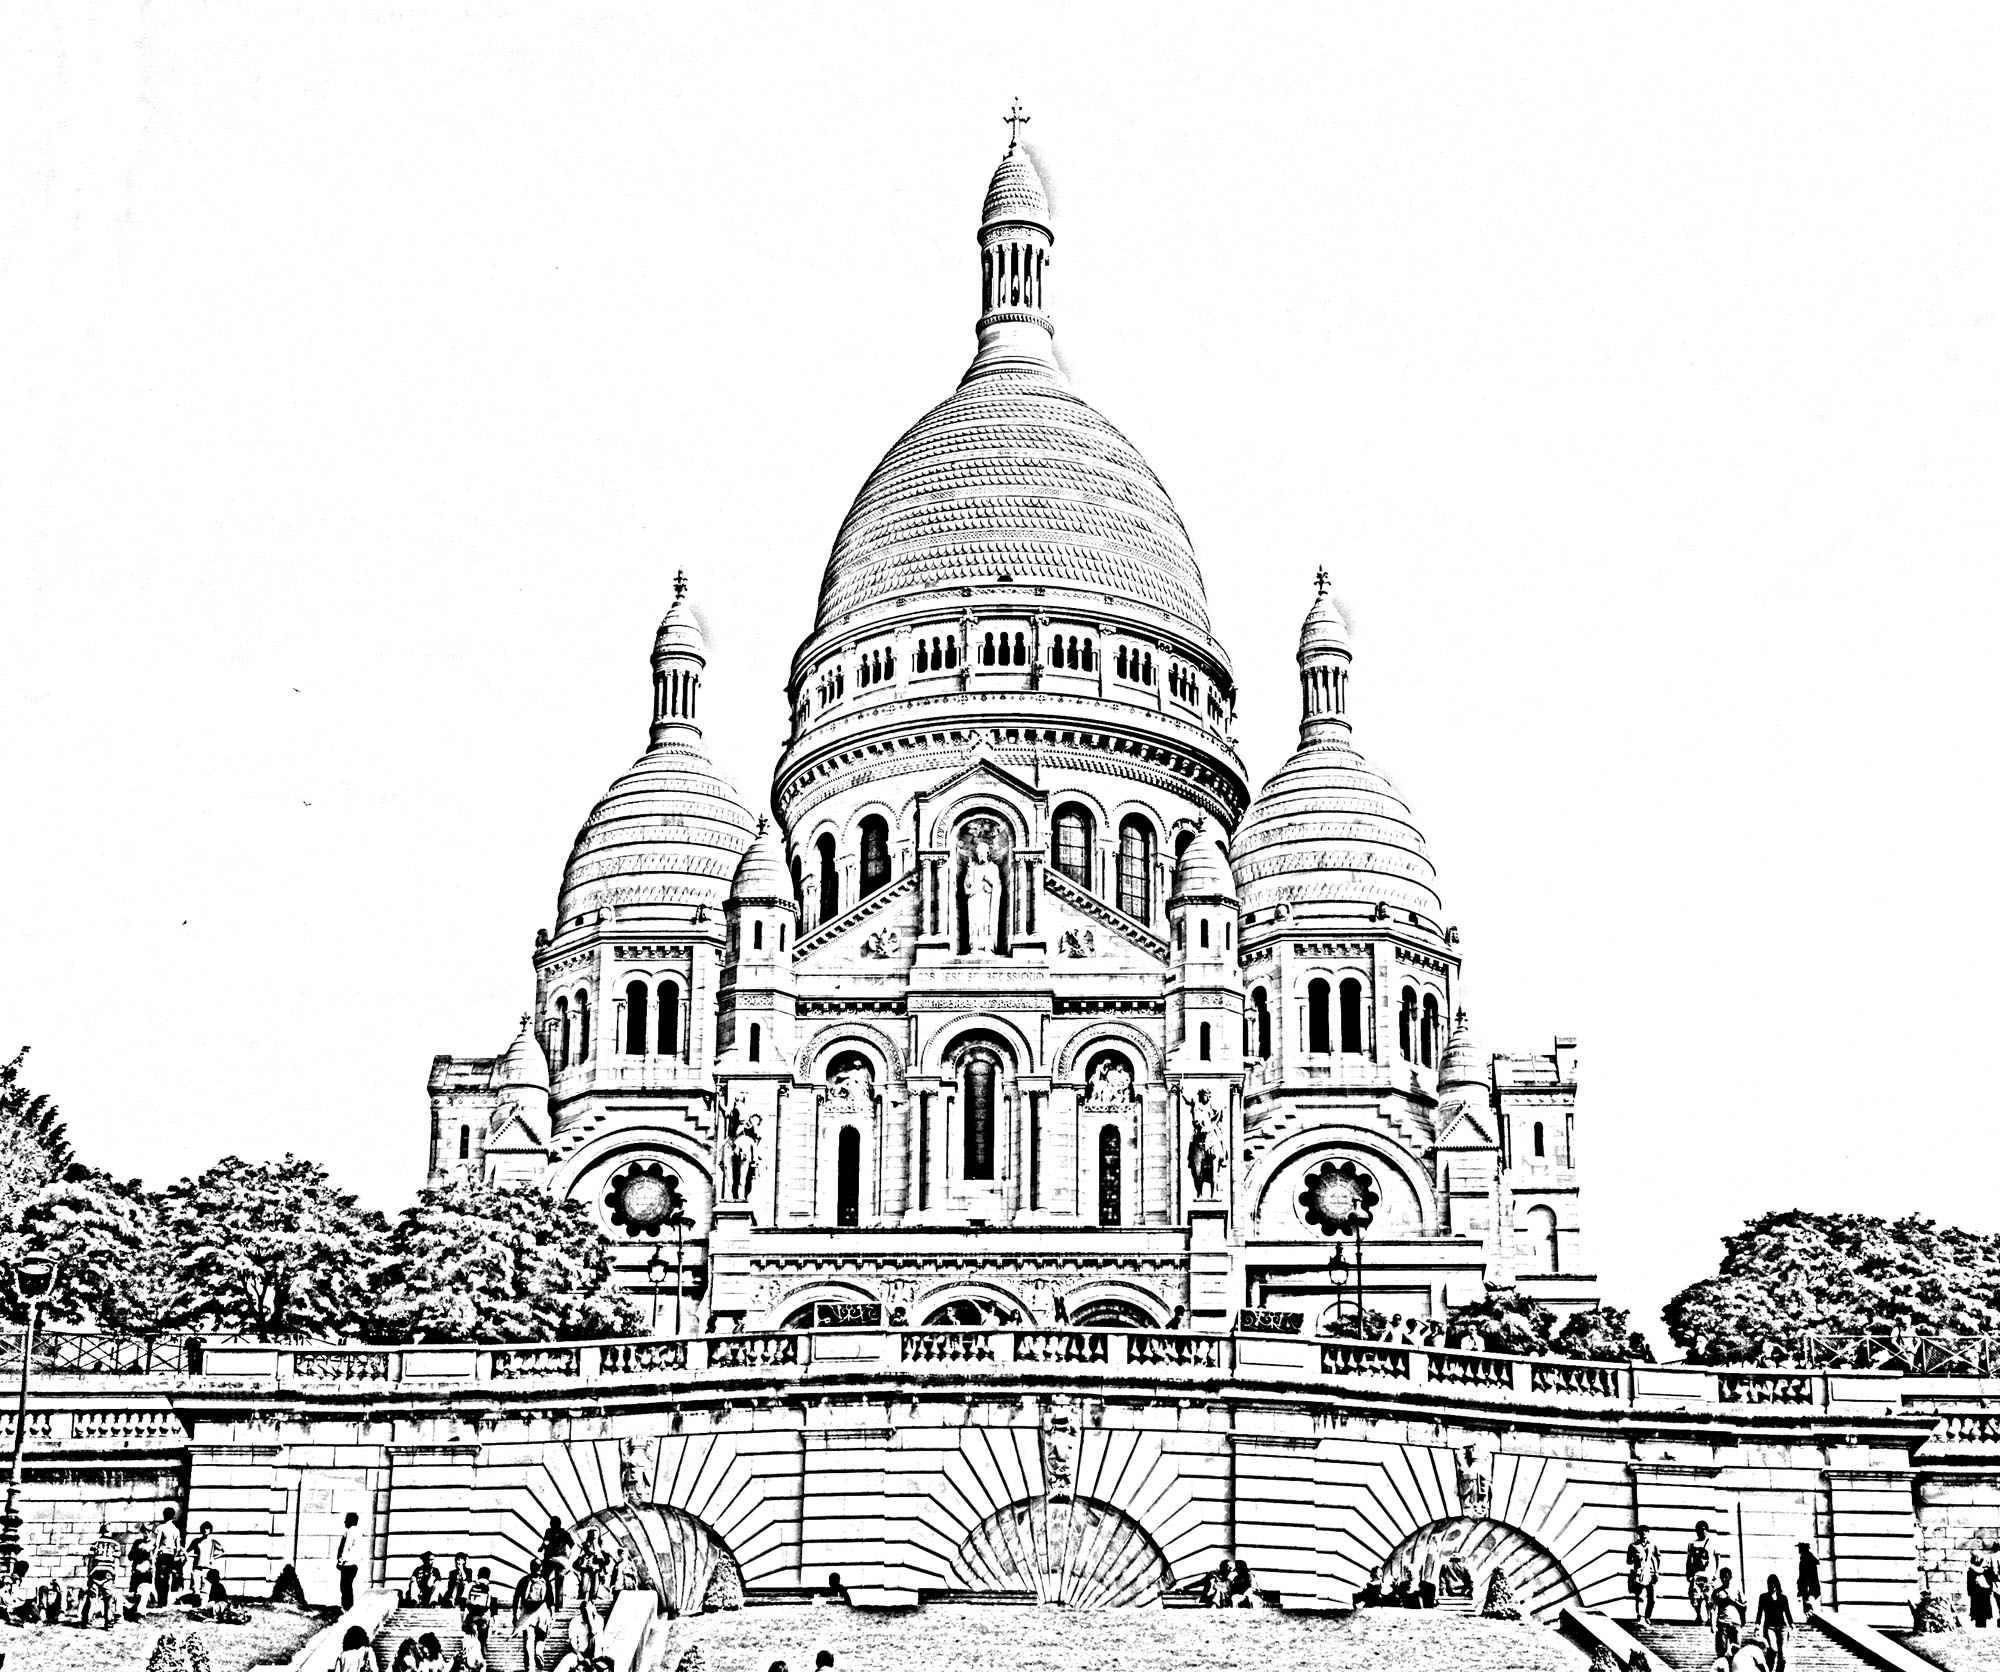 Arc De Triomphe Coloring Pages